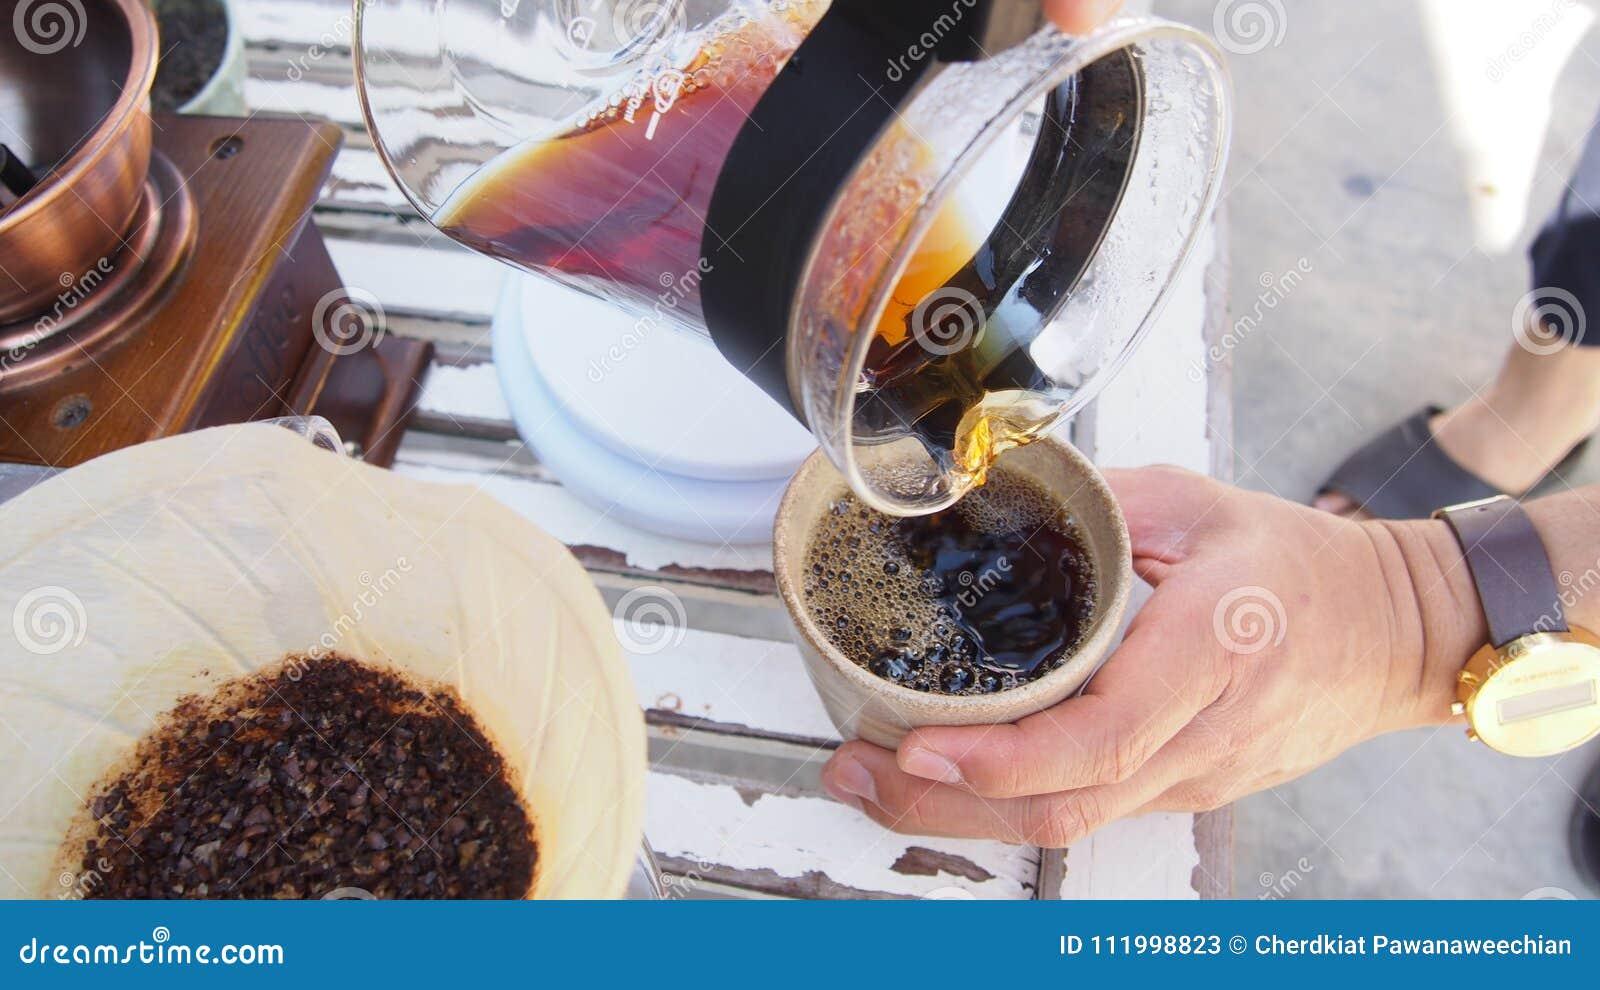 Ο καφές σταλαγματιάς χεριών, χύνοντας ζεστό νερό Barista πέρα από ψημένος η σκόνη καφέ κάνοντας τη σταλαγματιά να παρασκευάσει το